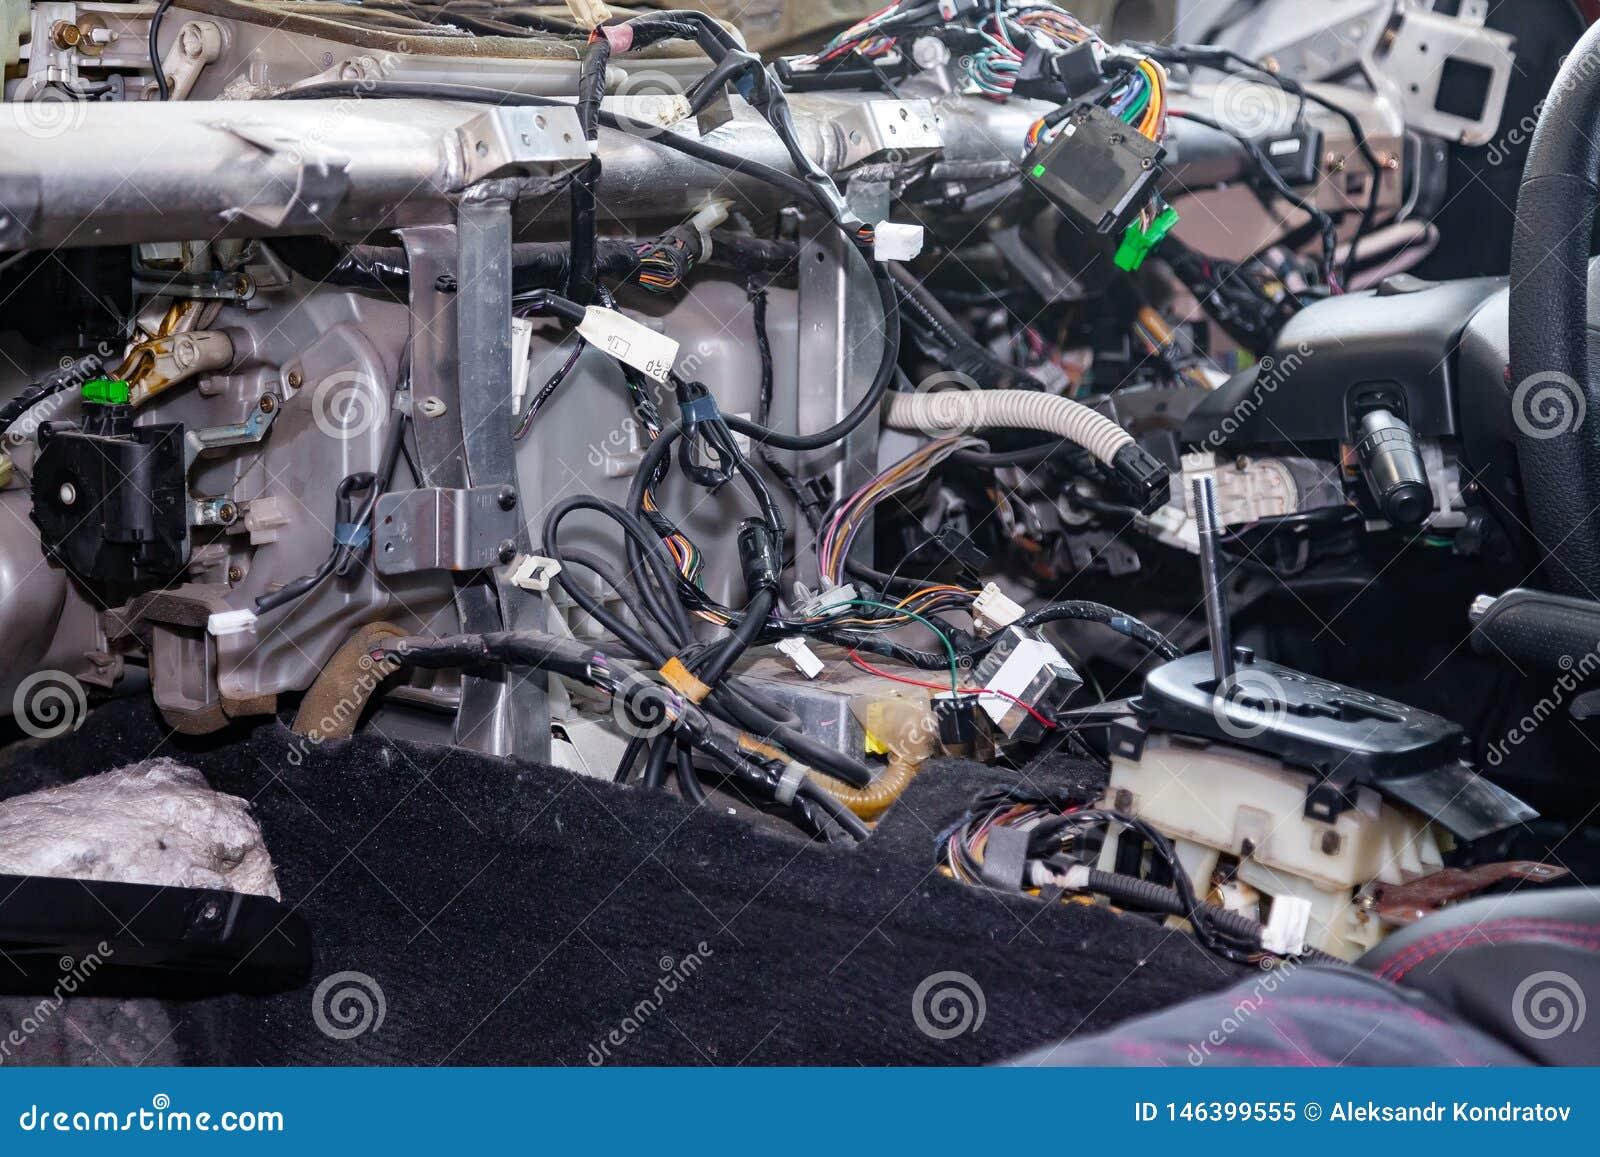 Um grande emaranhado de embaraça fios coloridos da fiação do carro encontra-se na cabine do carro desmontado com conectores e tom